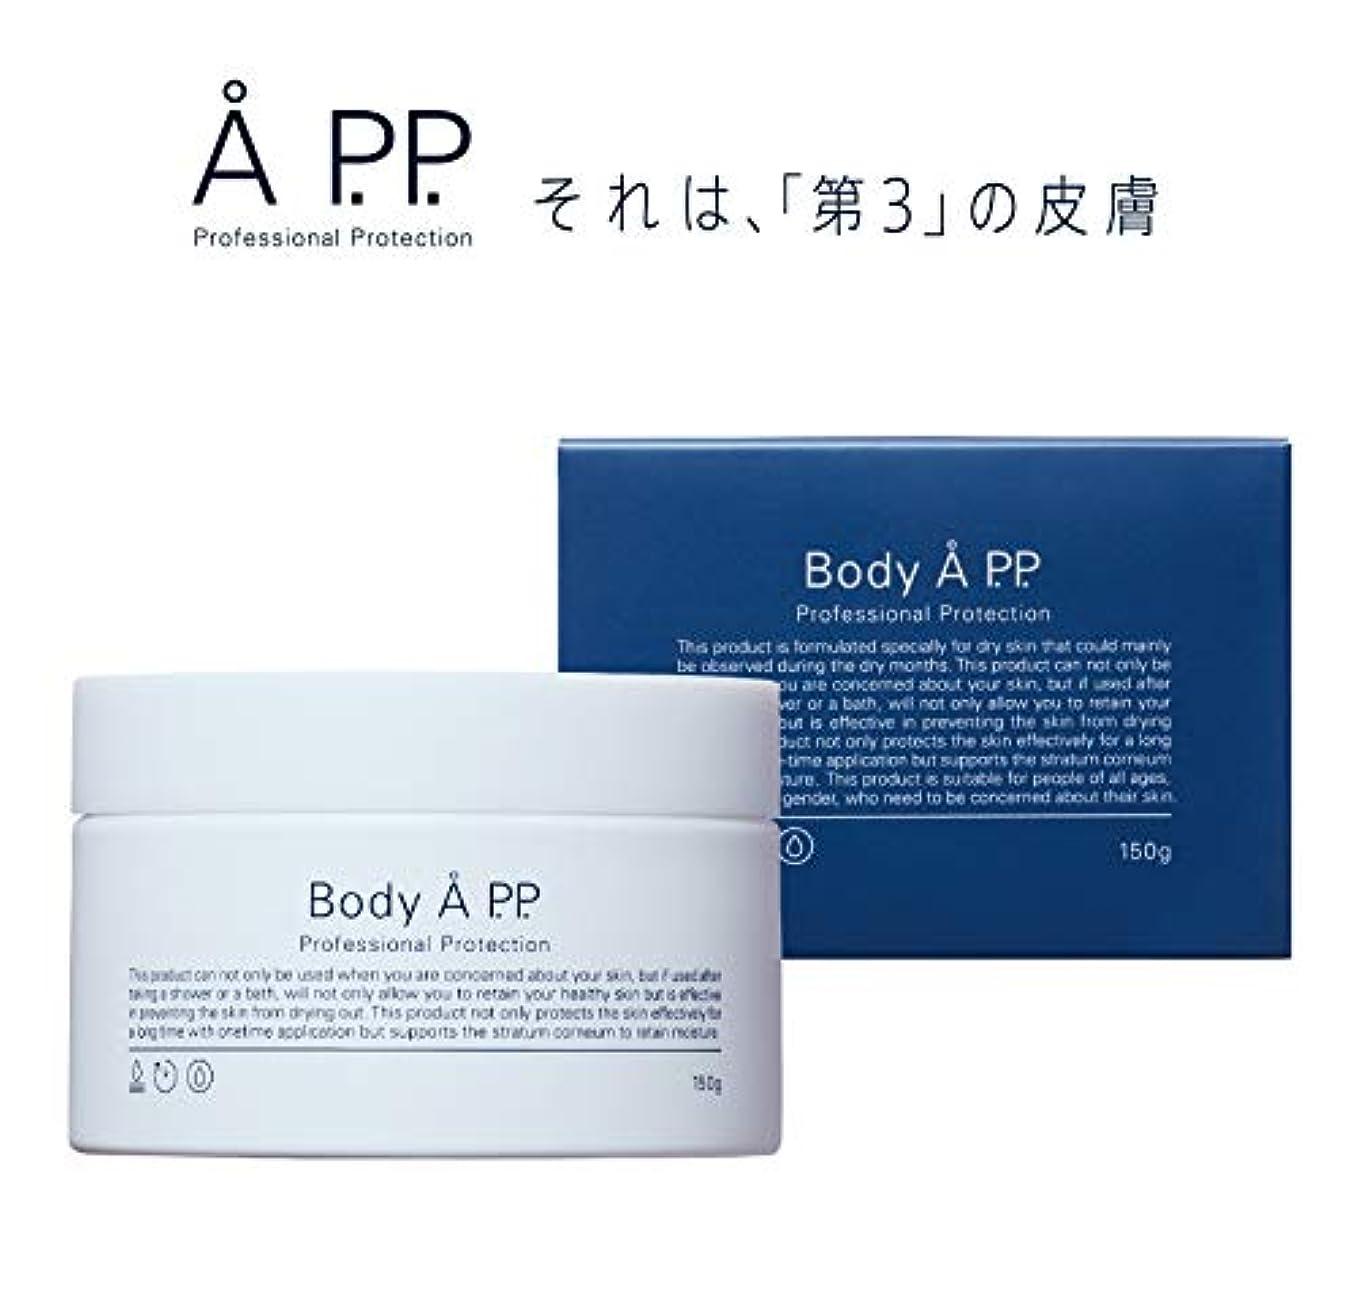 構築する砂利スマートBody A P.P. プロフェッショナルプロテクション 高機能 ボディクリーム ボディークリーム 人気 ランキング 保湿 無香料 150g (1個)